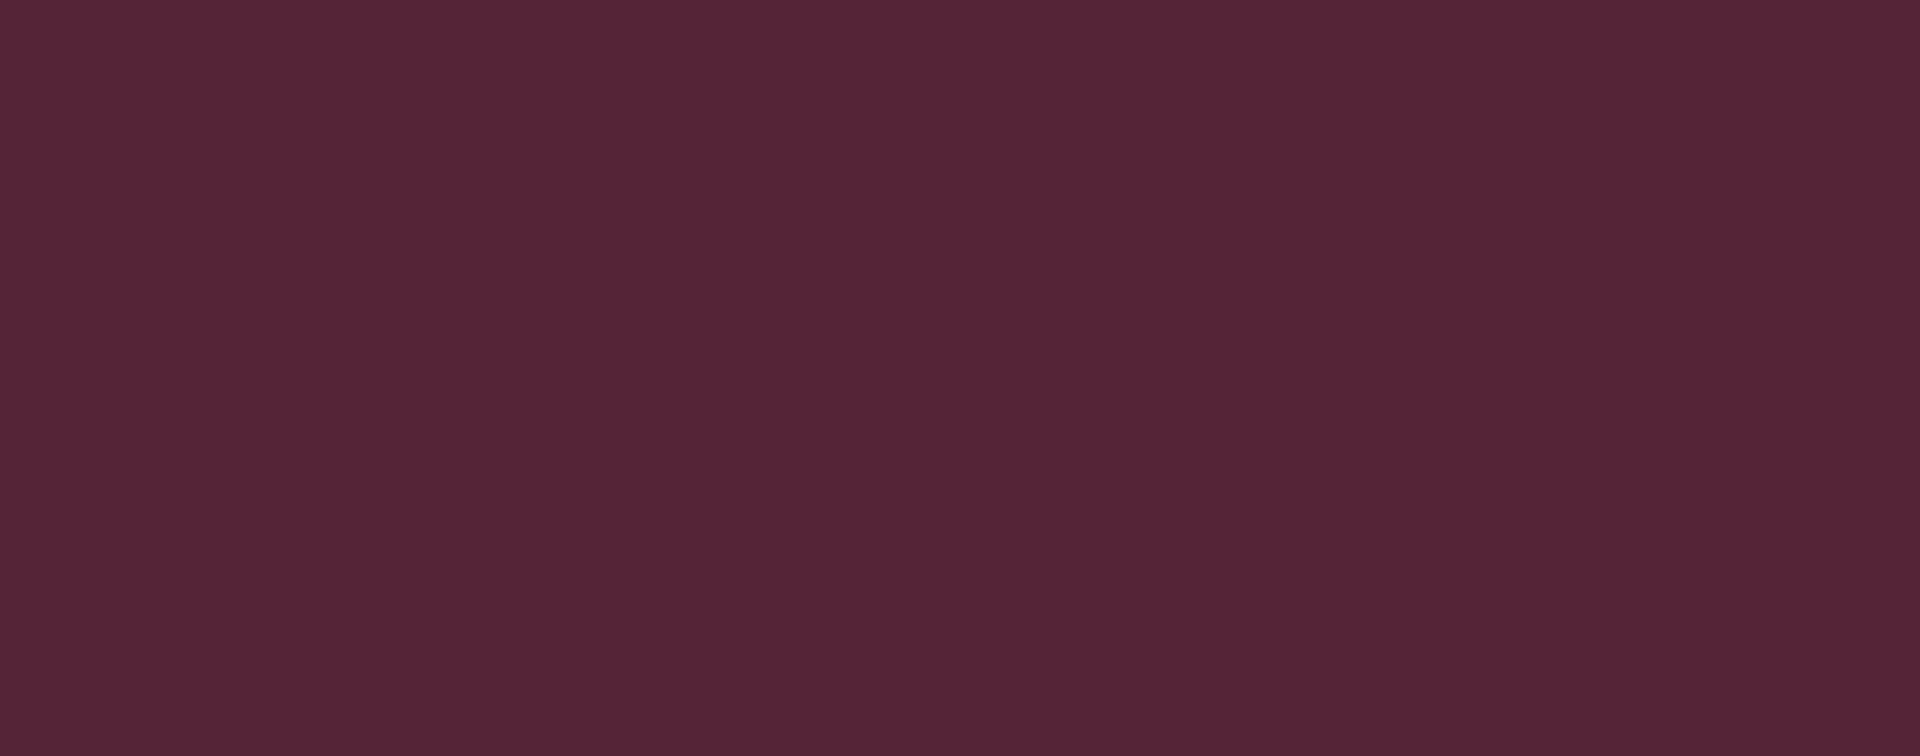 large_burgundy_background_image.jpg